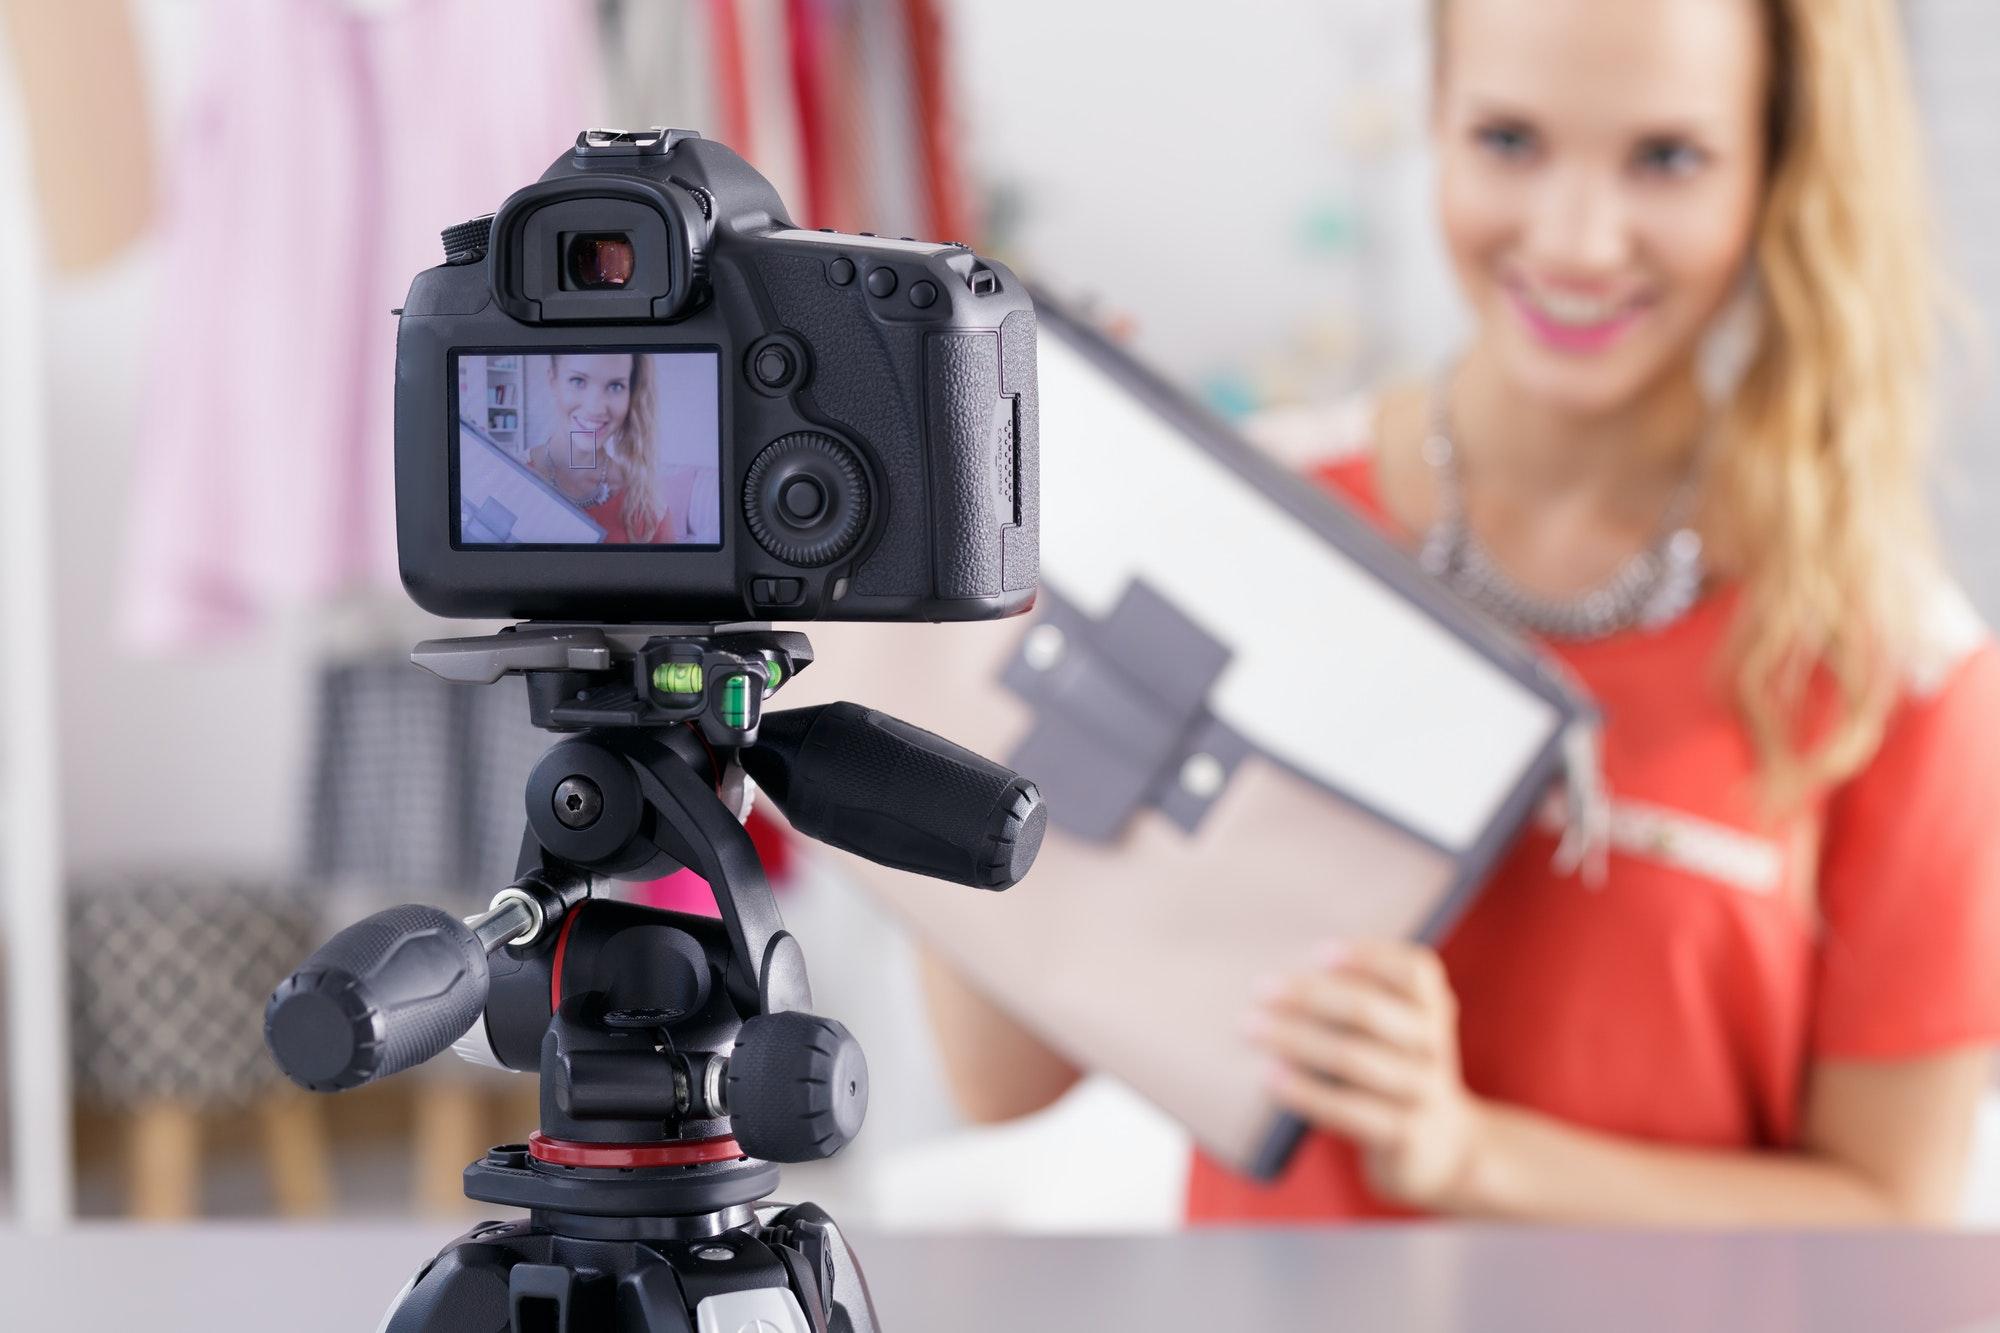 Vendere di più con i video - Corso Video Marketing & Personal Branding